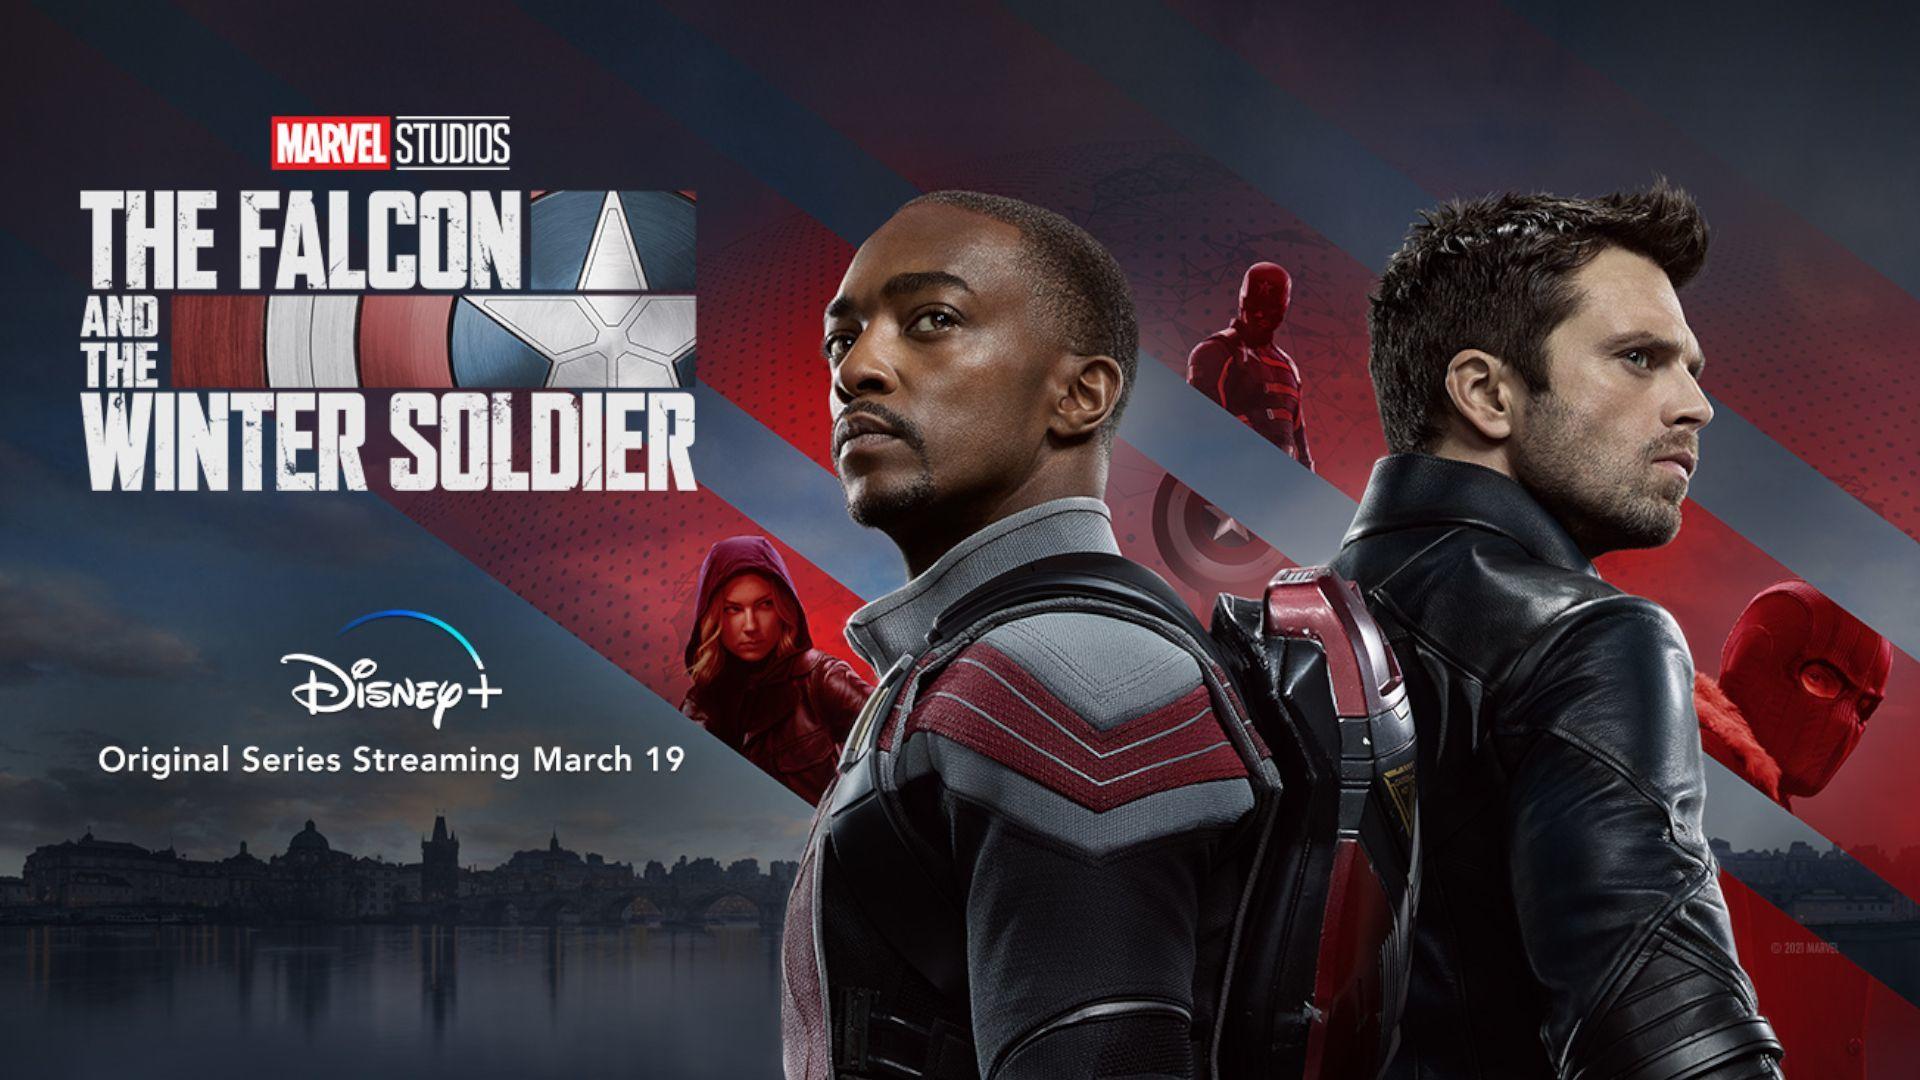 Có gì hay trong quá trình quay The Falcon & The Winter Soldier: Hà Nội trở thành 1 phần cảm hứng cho series triệu đô của Marvel